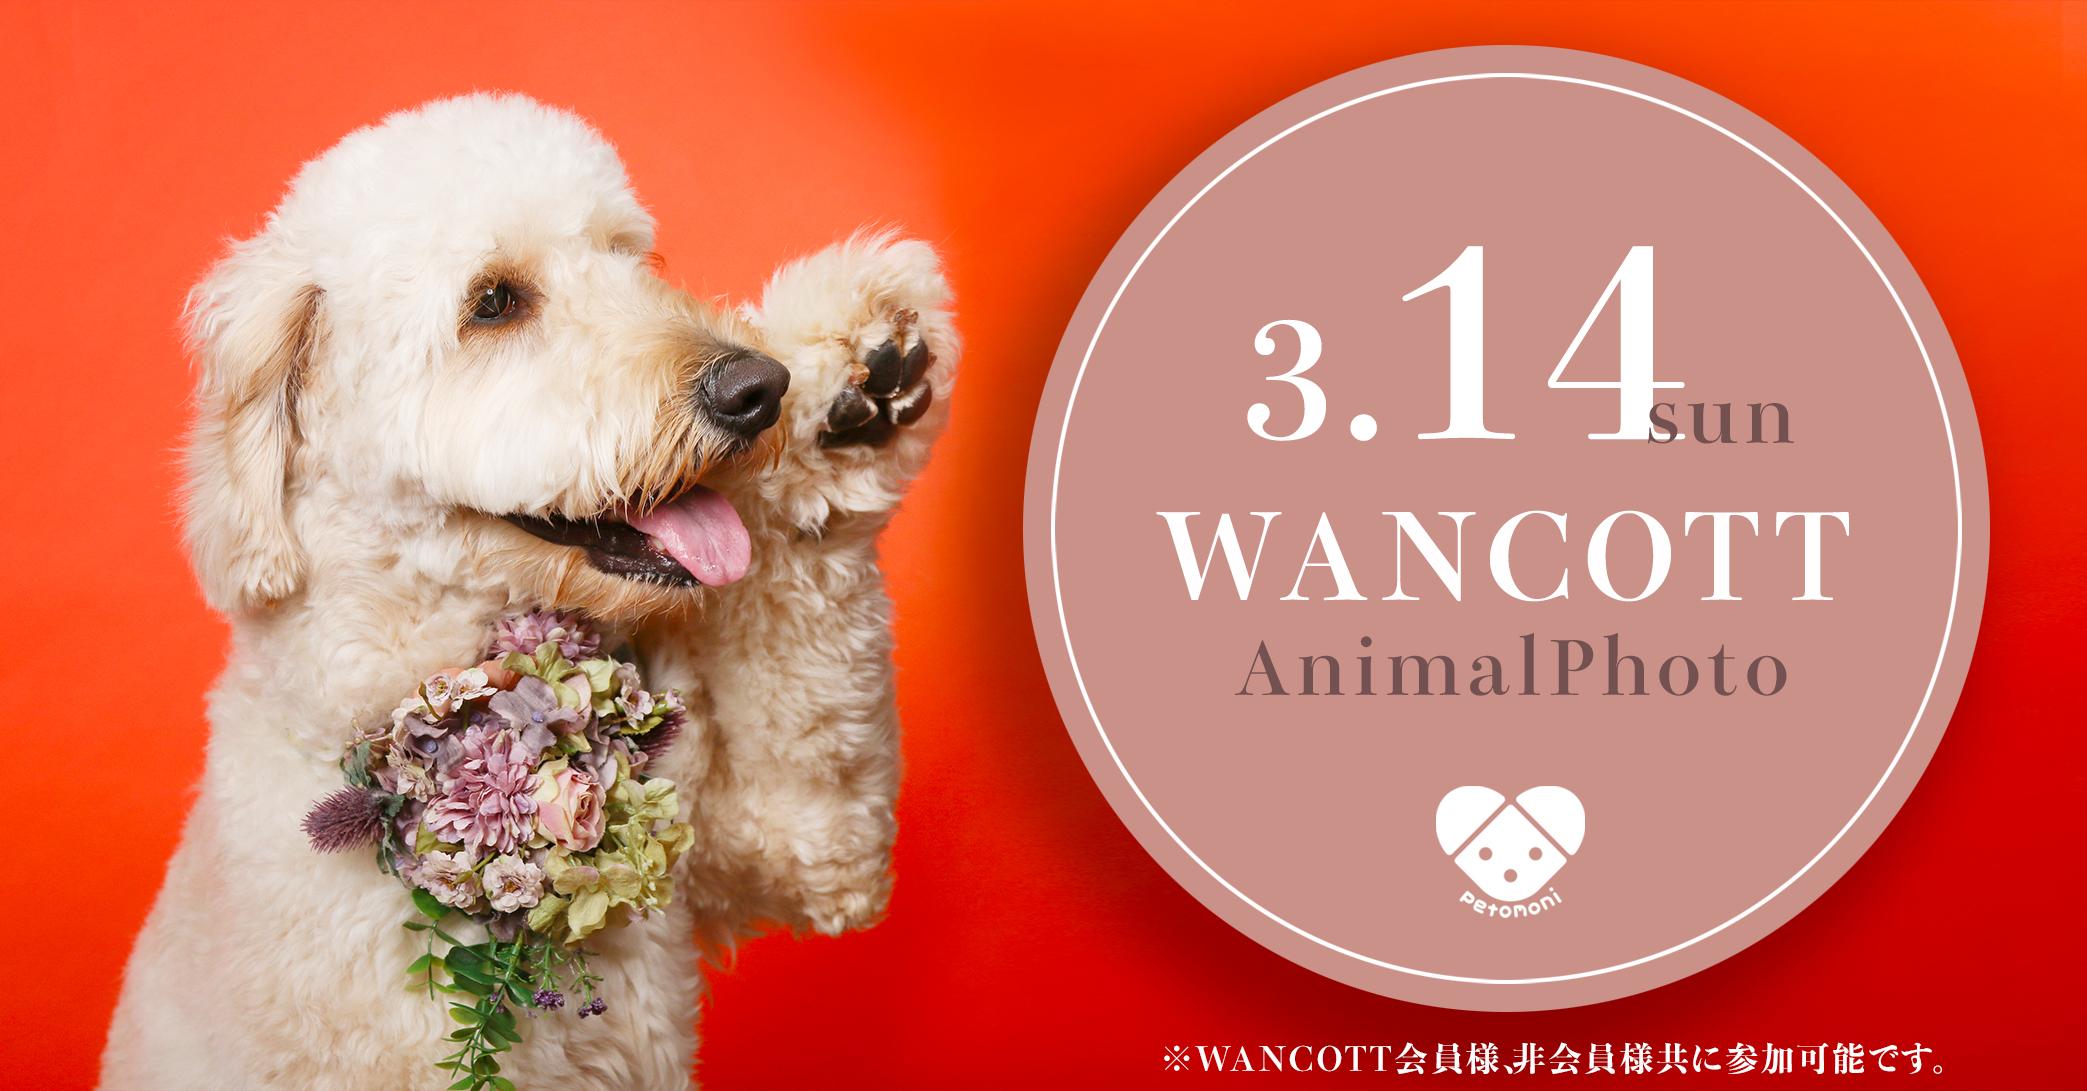 【満枠のため予約締切】3月14日(日) petomoni(ペトモニ)愛犬撮影会開催!